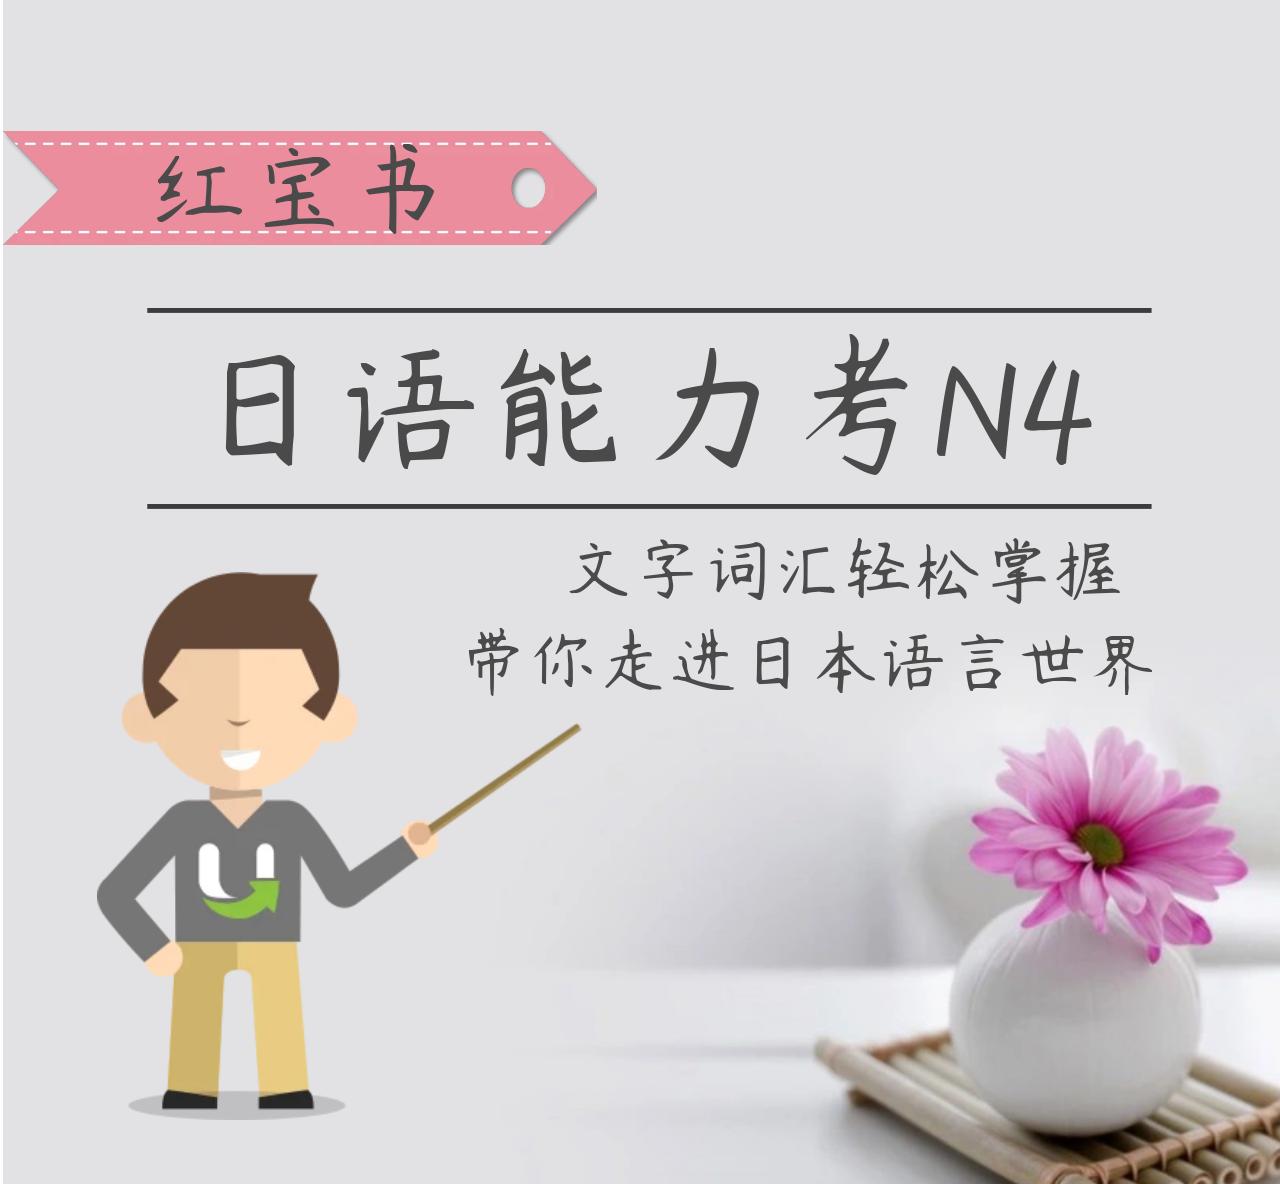 日语学习|每天五分钟轻松拿下N4